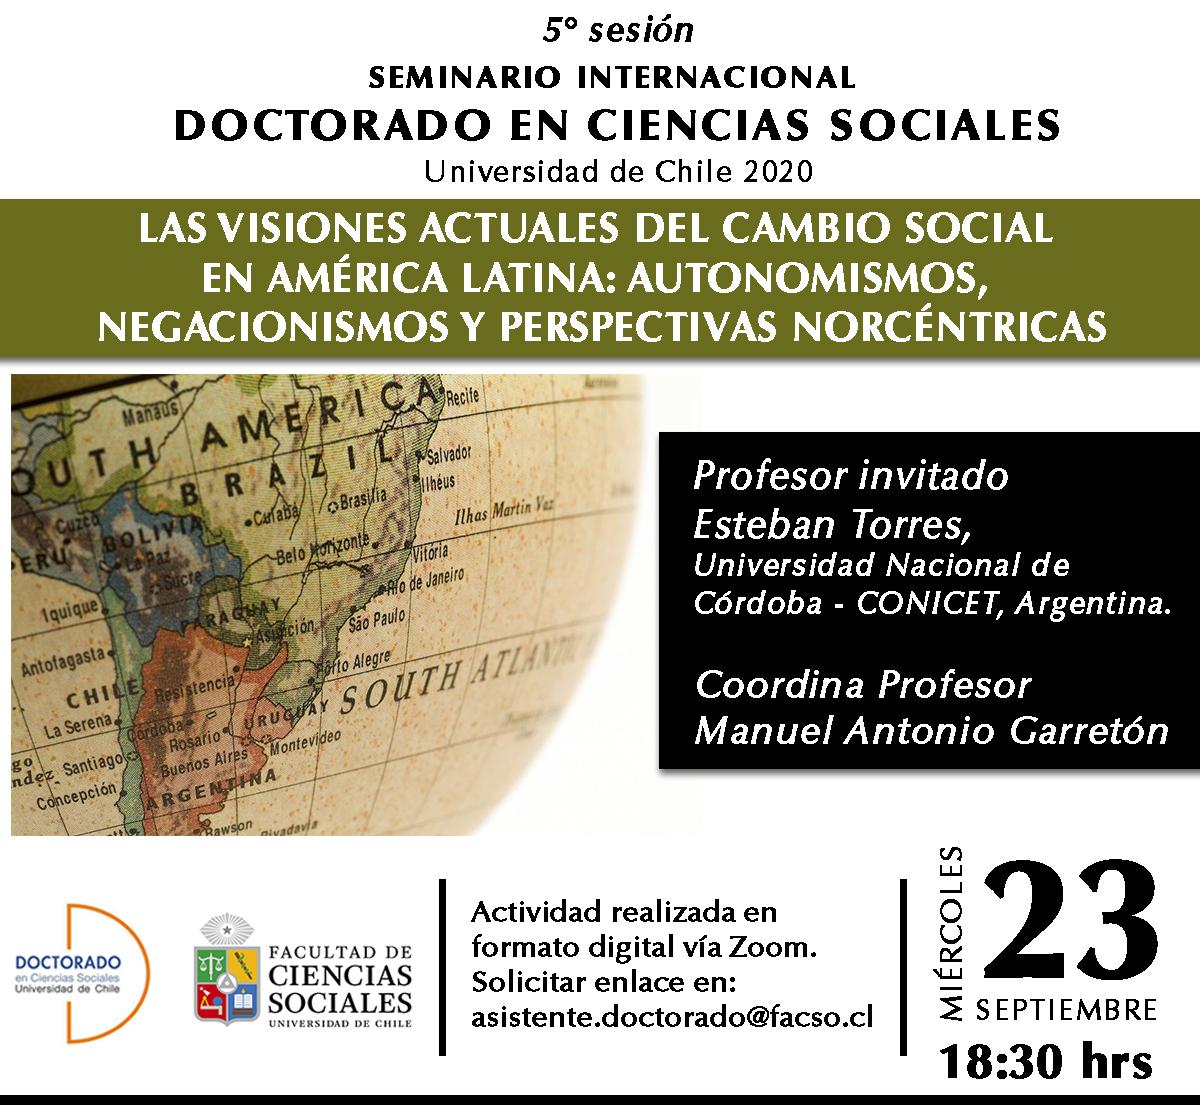 5ta sesión Seminario Internacional 2020